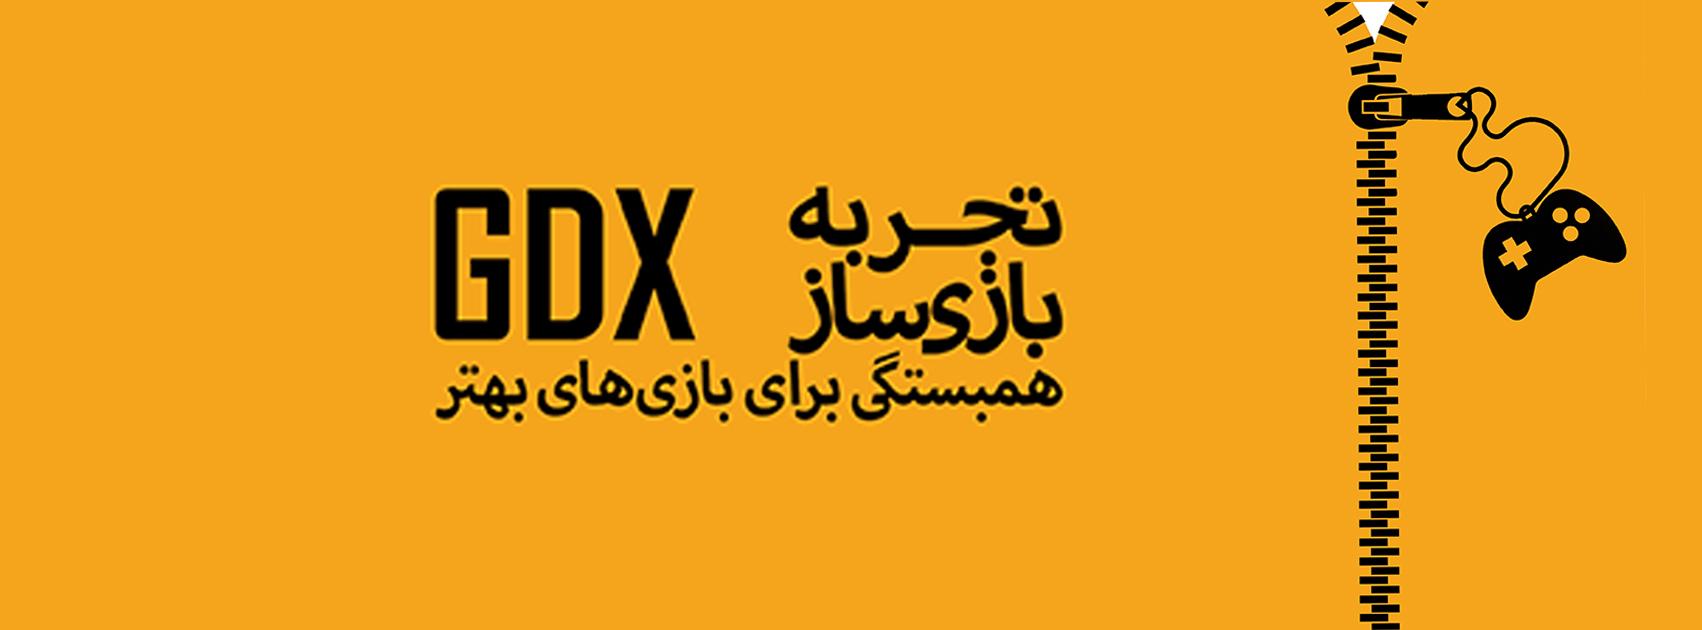 برنامه رویداد تجربه بازی ساز (GDX)